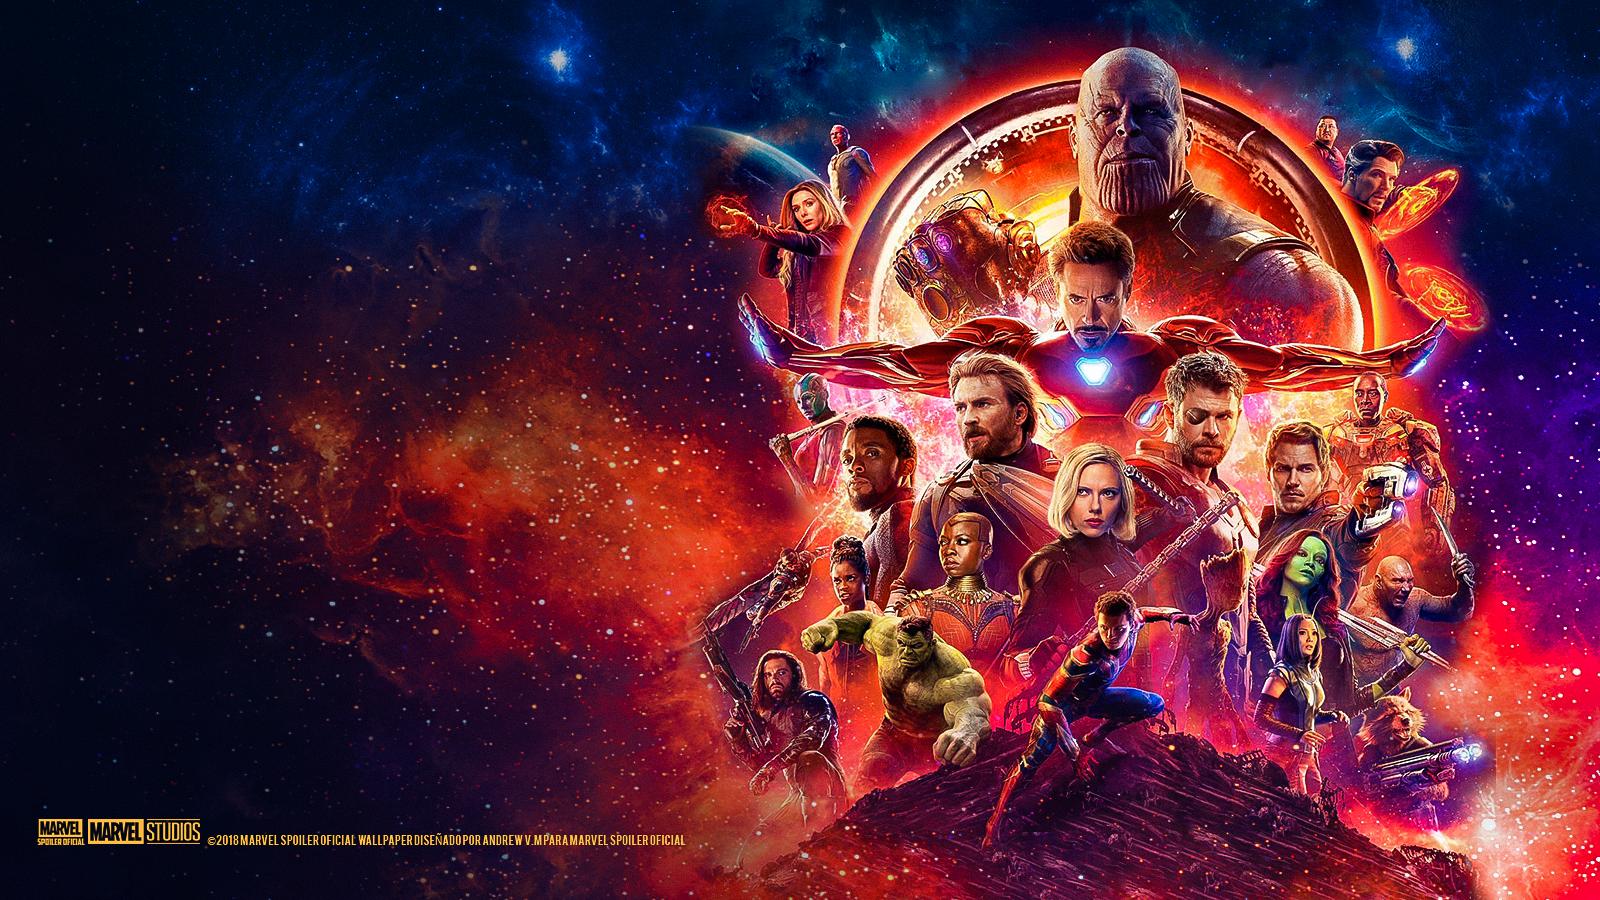 Avengers Endgame Wallpaper Hd Okoye Marvel Avengers Avengers Infinity War